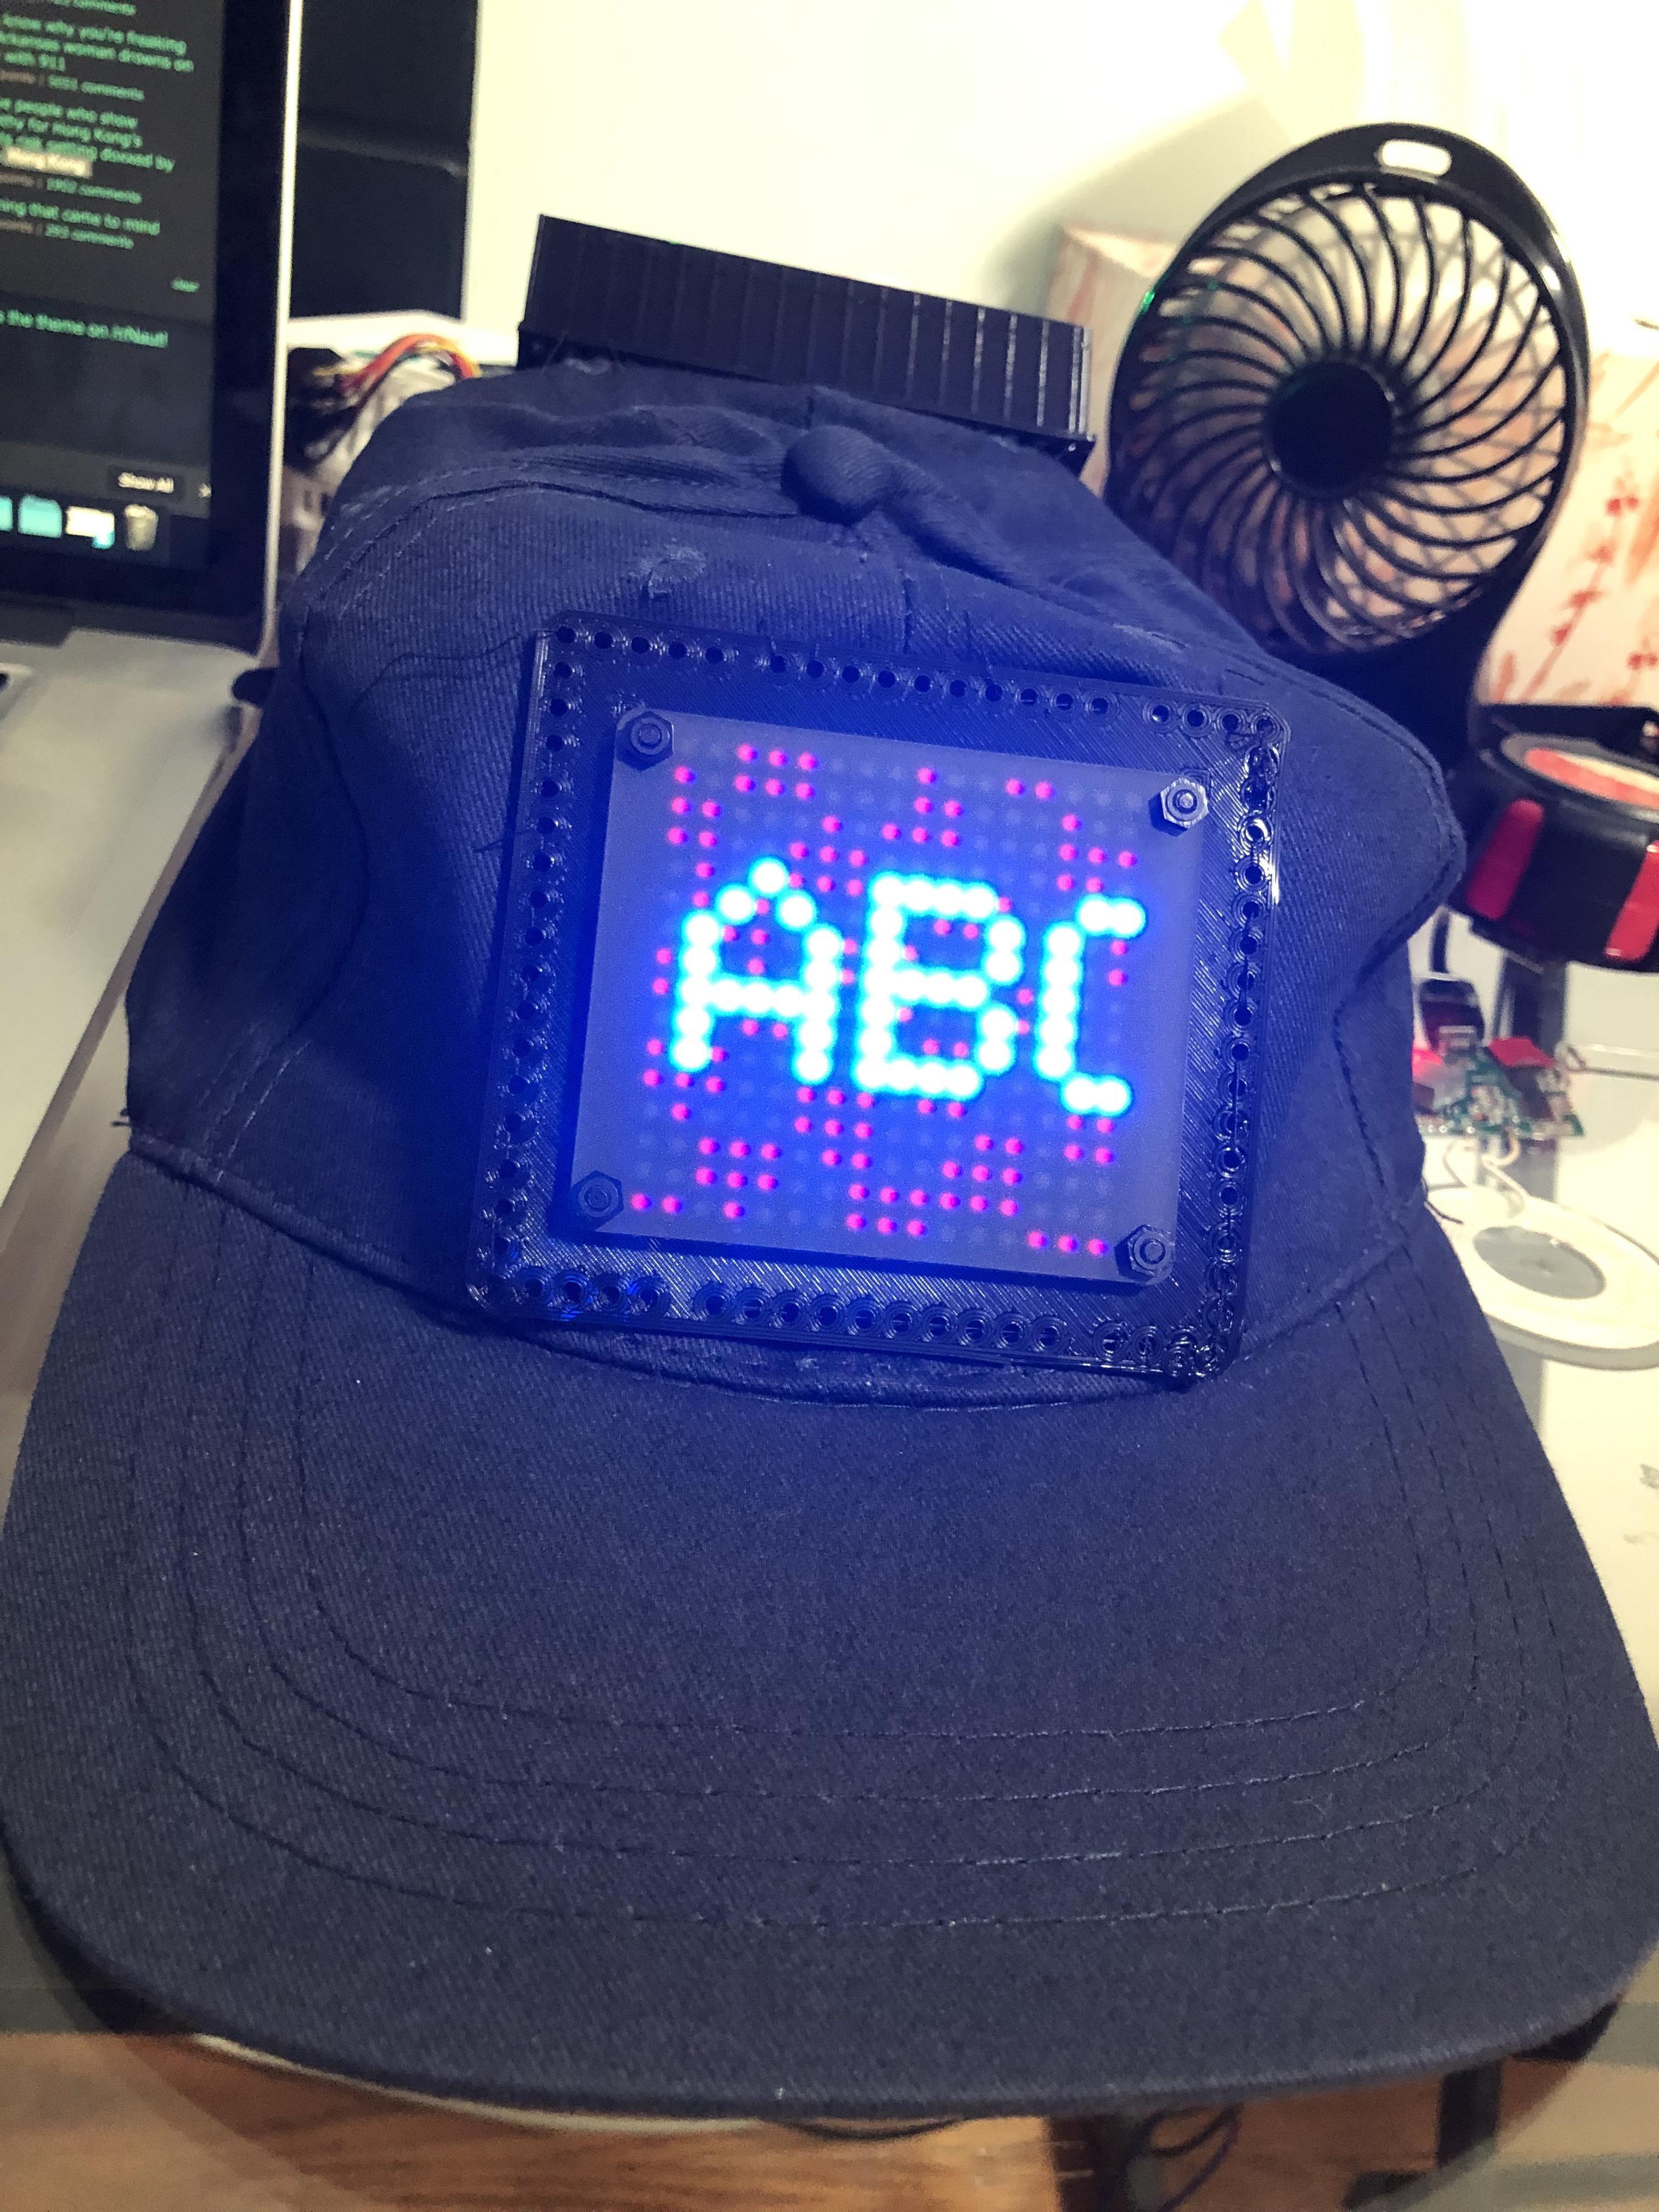 Made An Led Hat For Music Festival Led Hat Music Festival Arduino